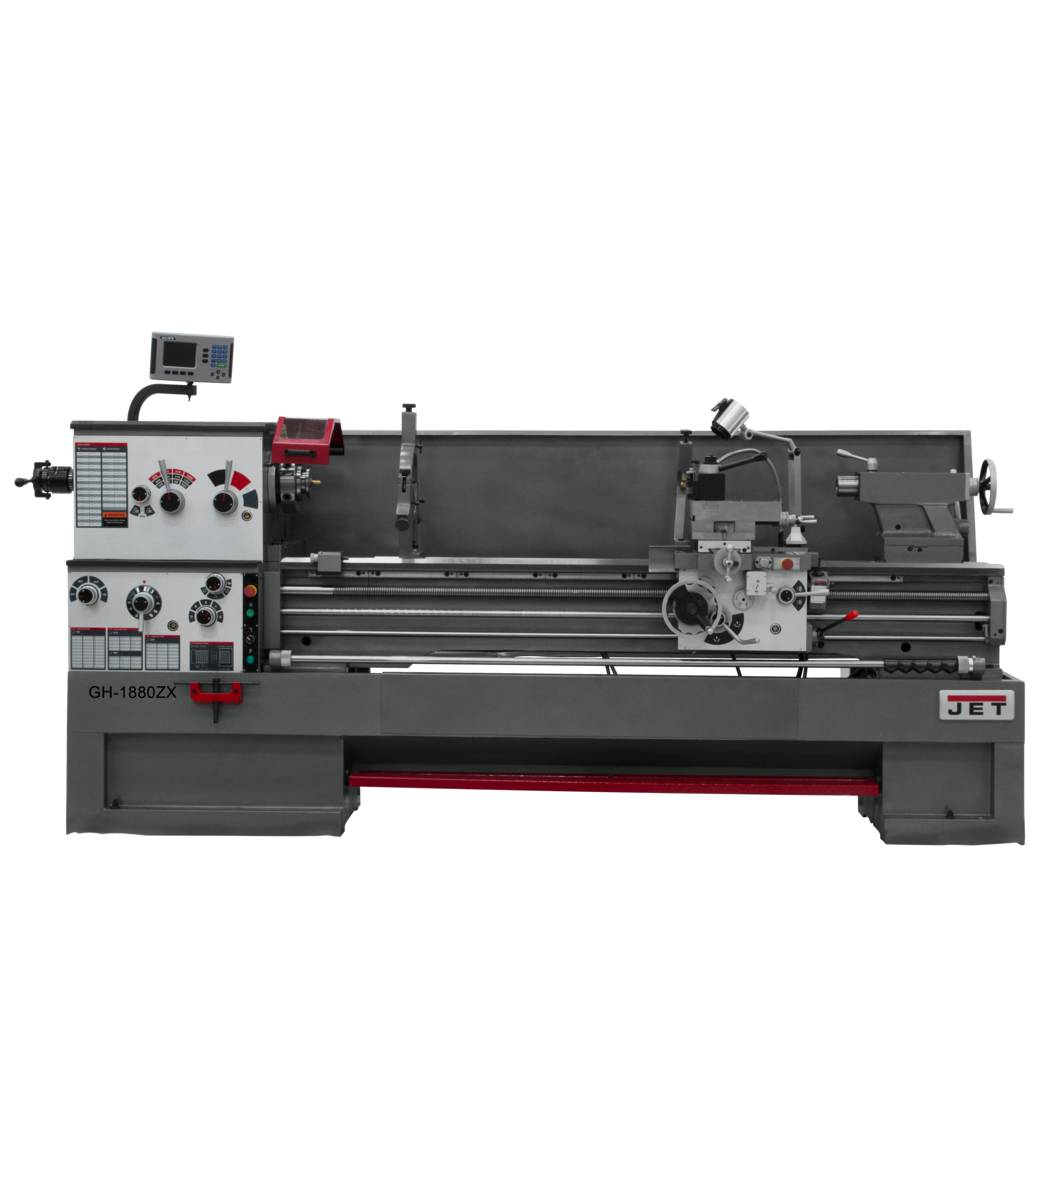 GH-1880ZX torno con visualizador de posición digital ACU-RITE 200S de 2 ejes, cierre automático y ac